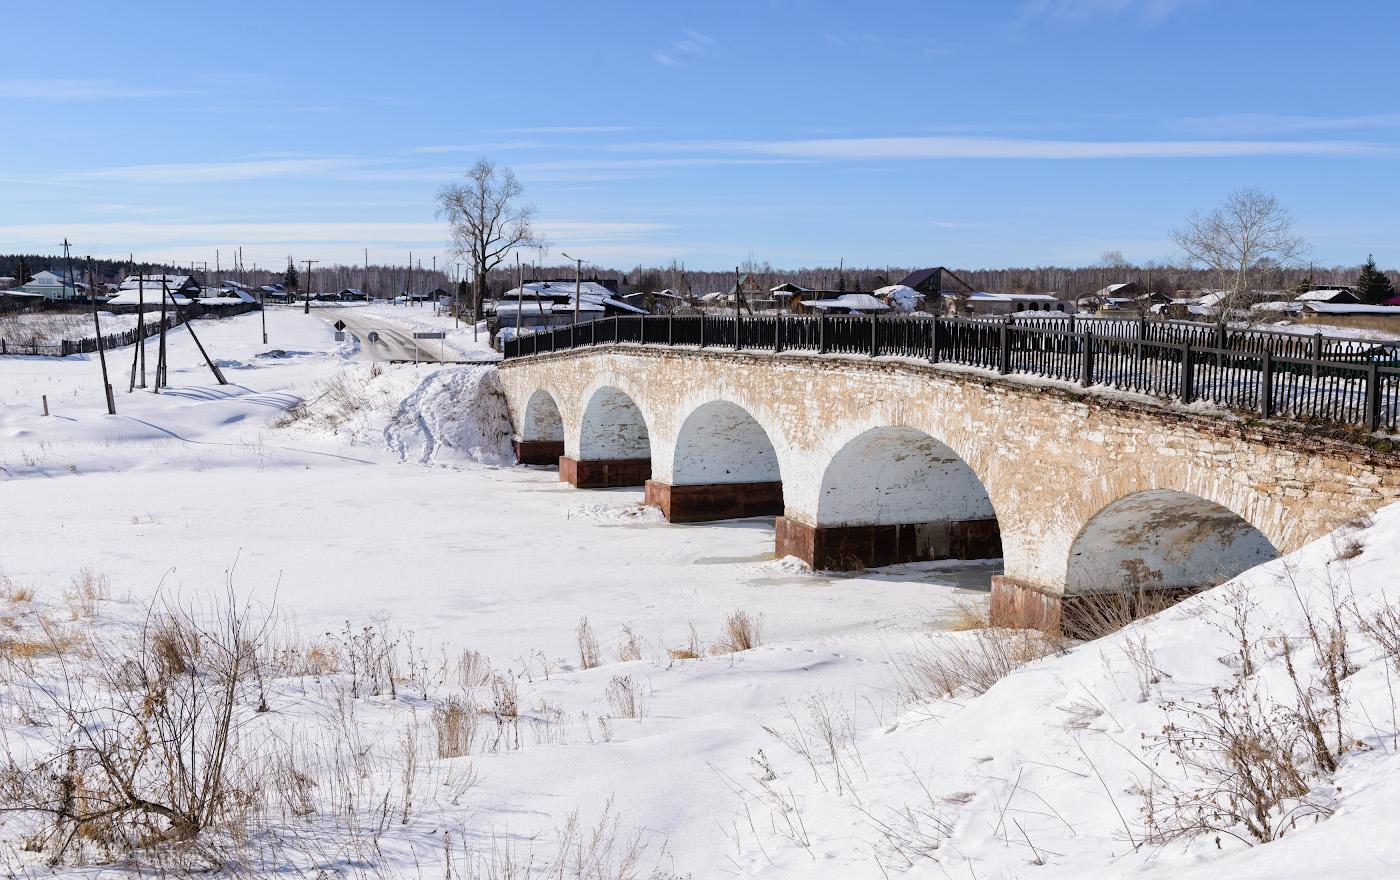 Фотография 4. Пятиарочный мост через реку Багаряк в одноименном селе. Что интересного можно увидеть в Челябинской области, отправившись в поездку на машине. 1/500, +0.67, 9.0, 400, 35.